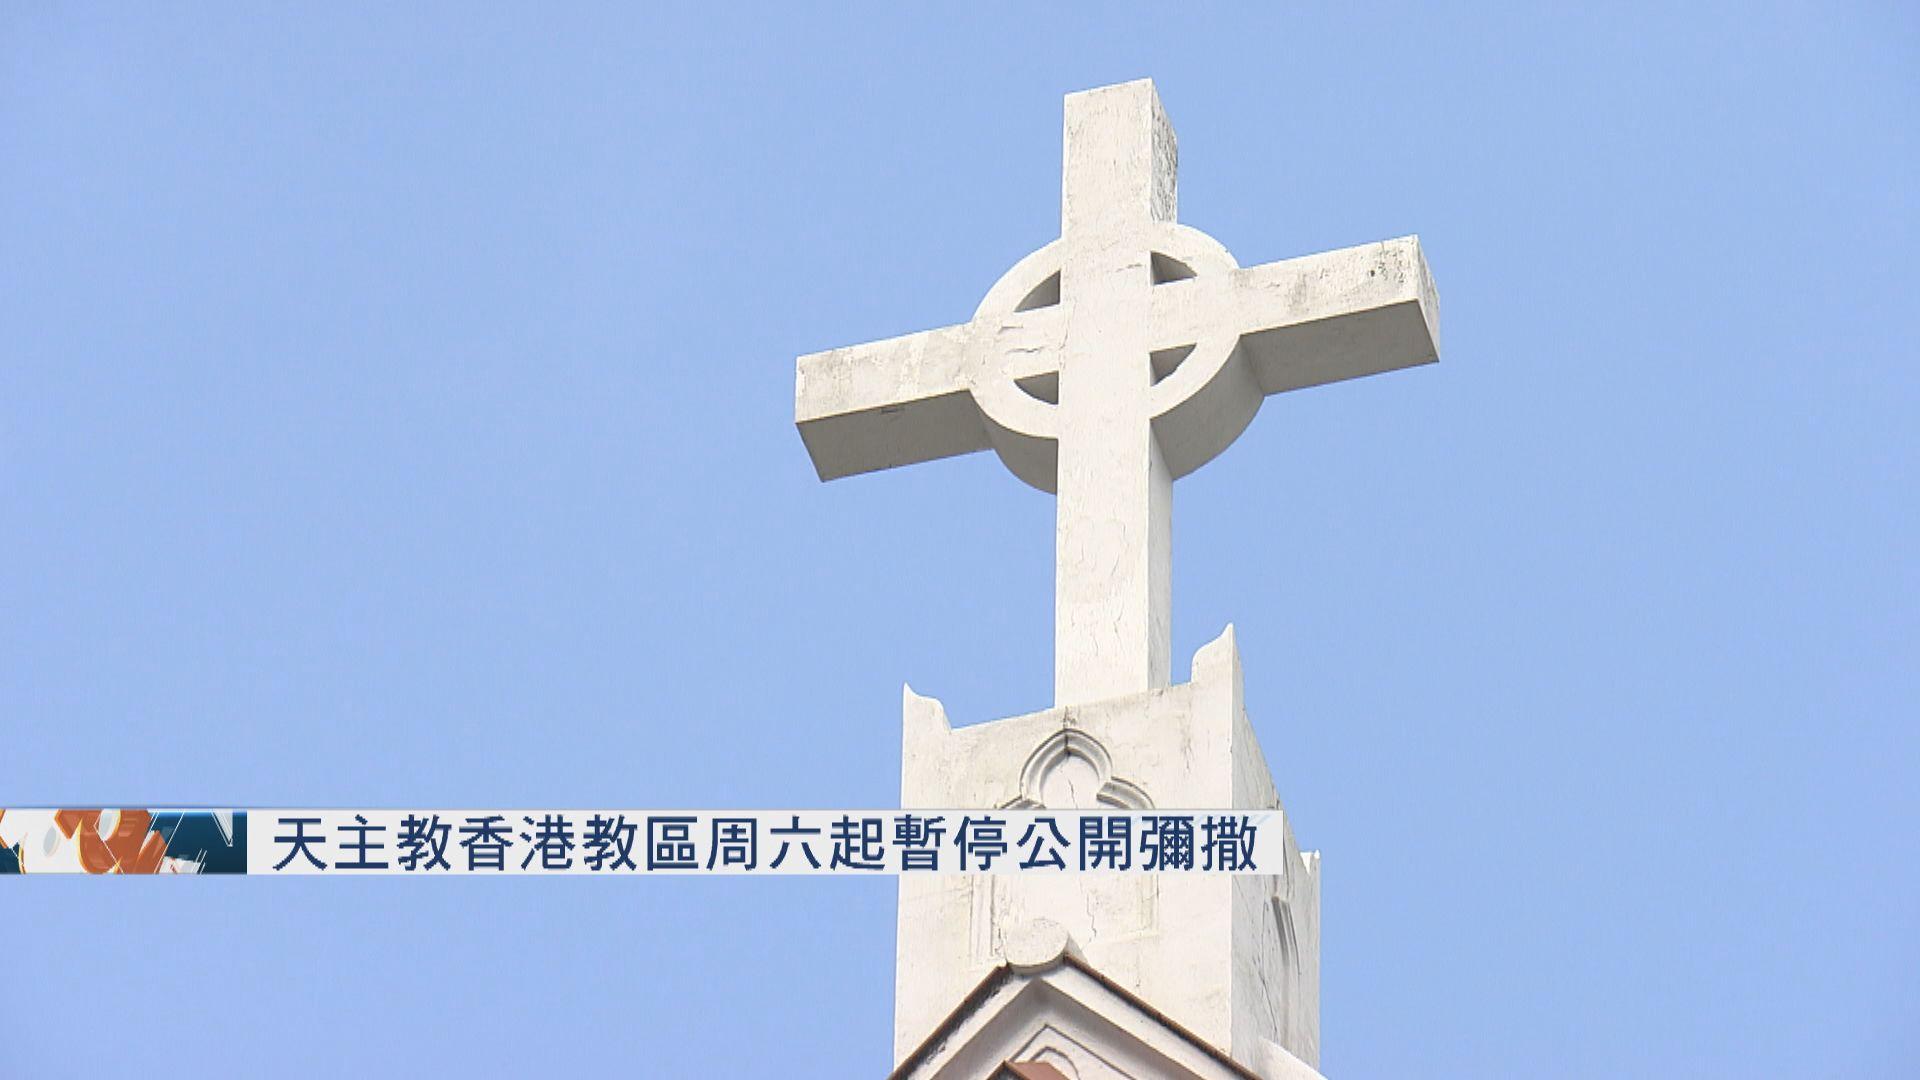 天主教香港教區周六起暫停公開彌撒